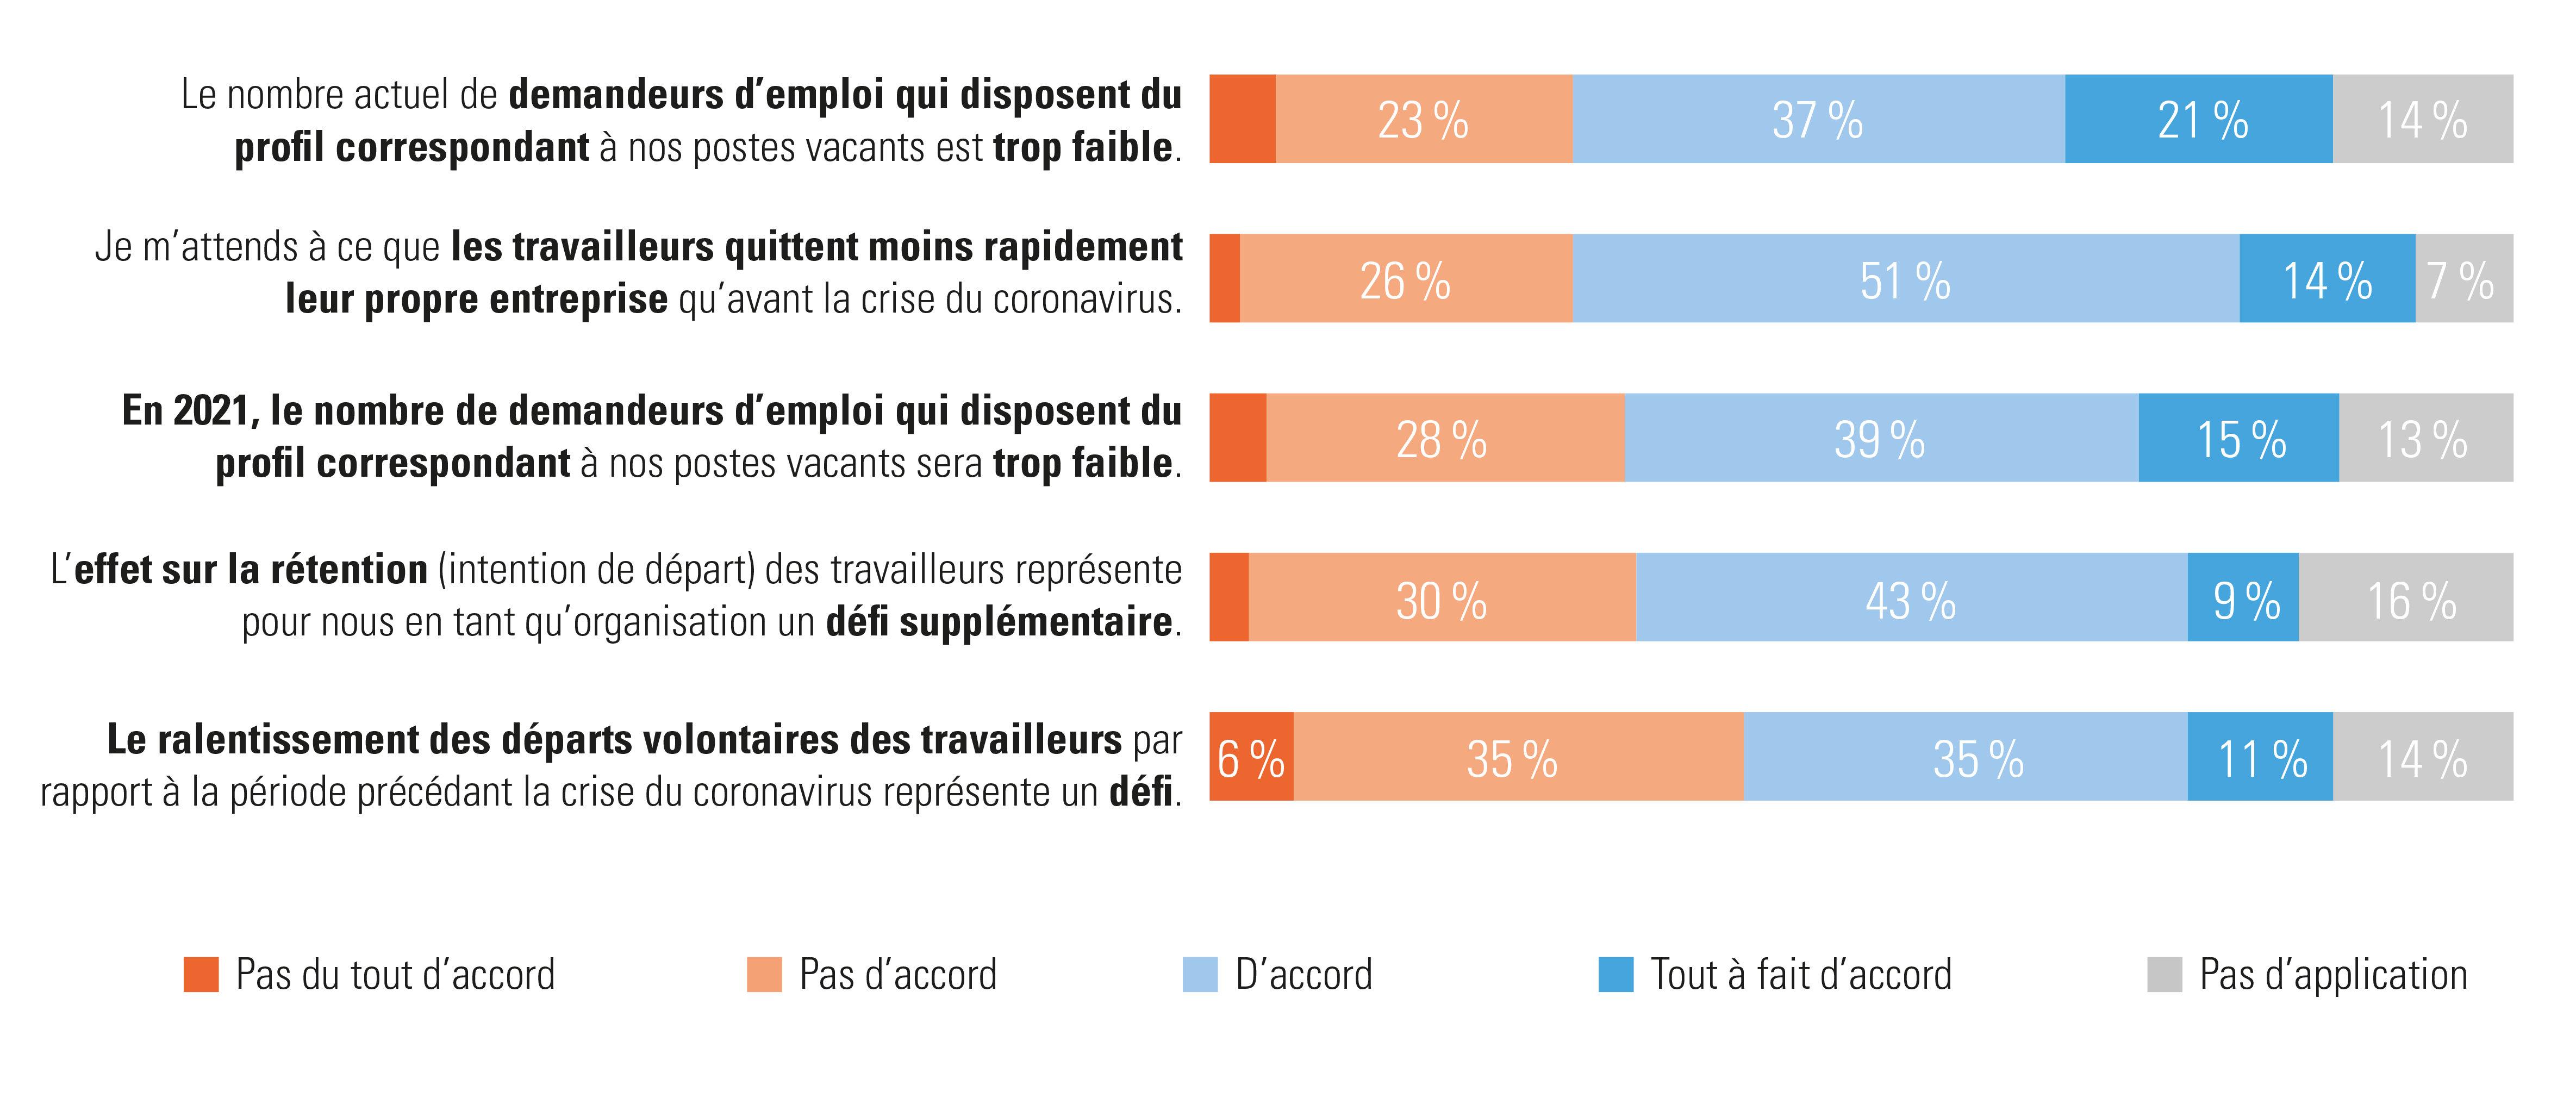 Réponse des employeurs à la question : «Comment gérez-vous la pénurie actuelle sur le marché de l'emploi et quelles sont vos prévisions pour 2021?»